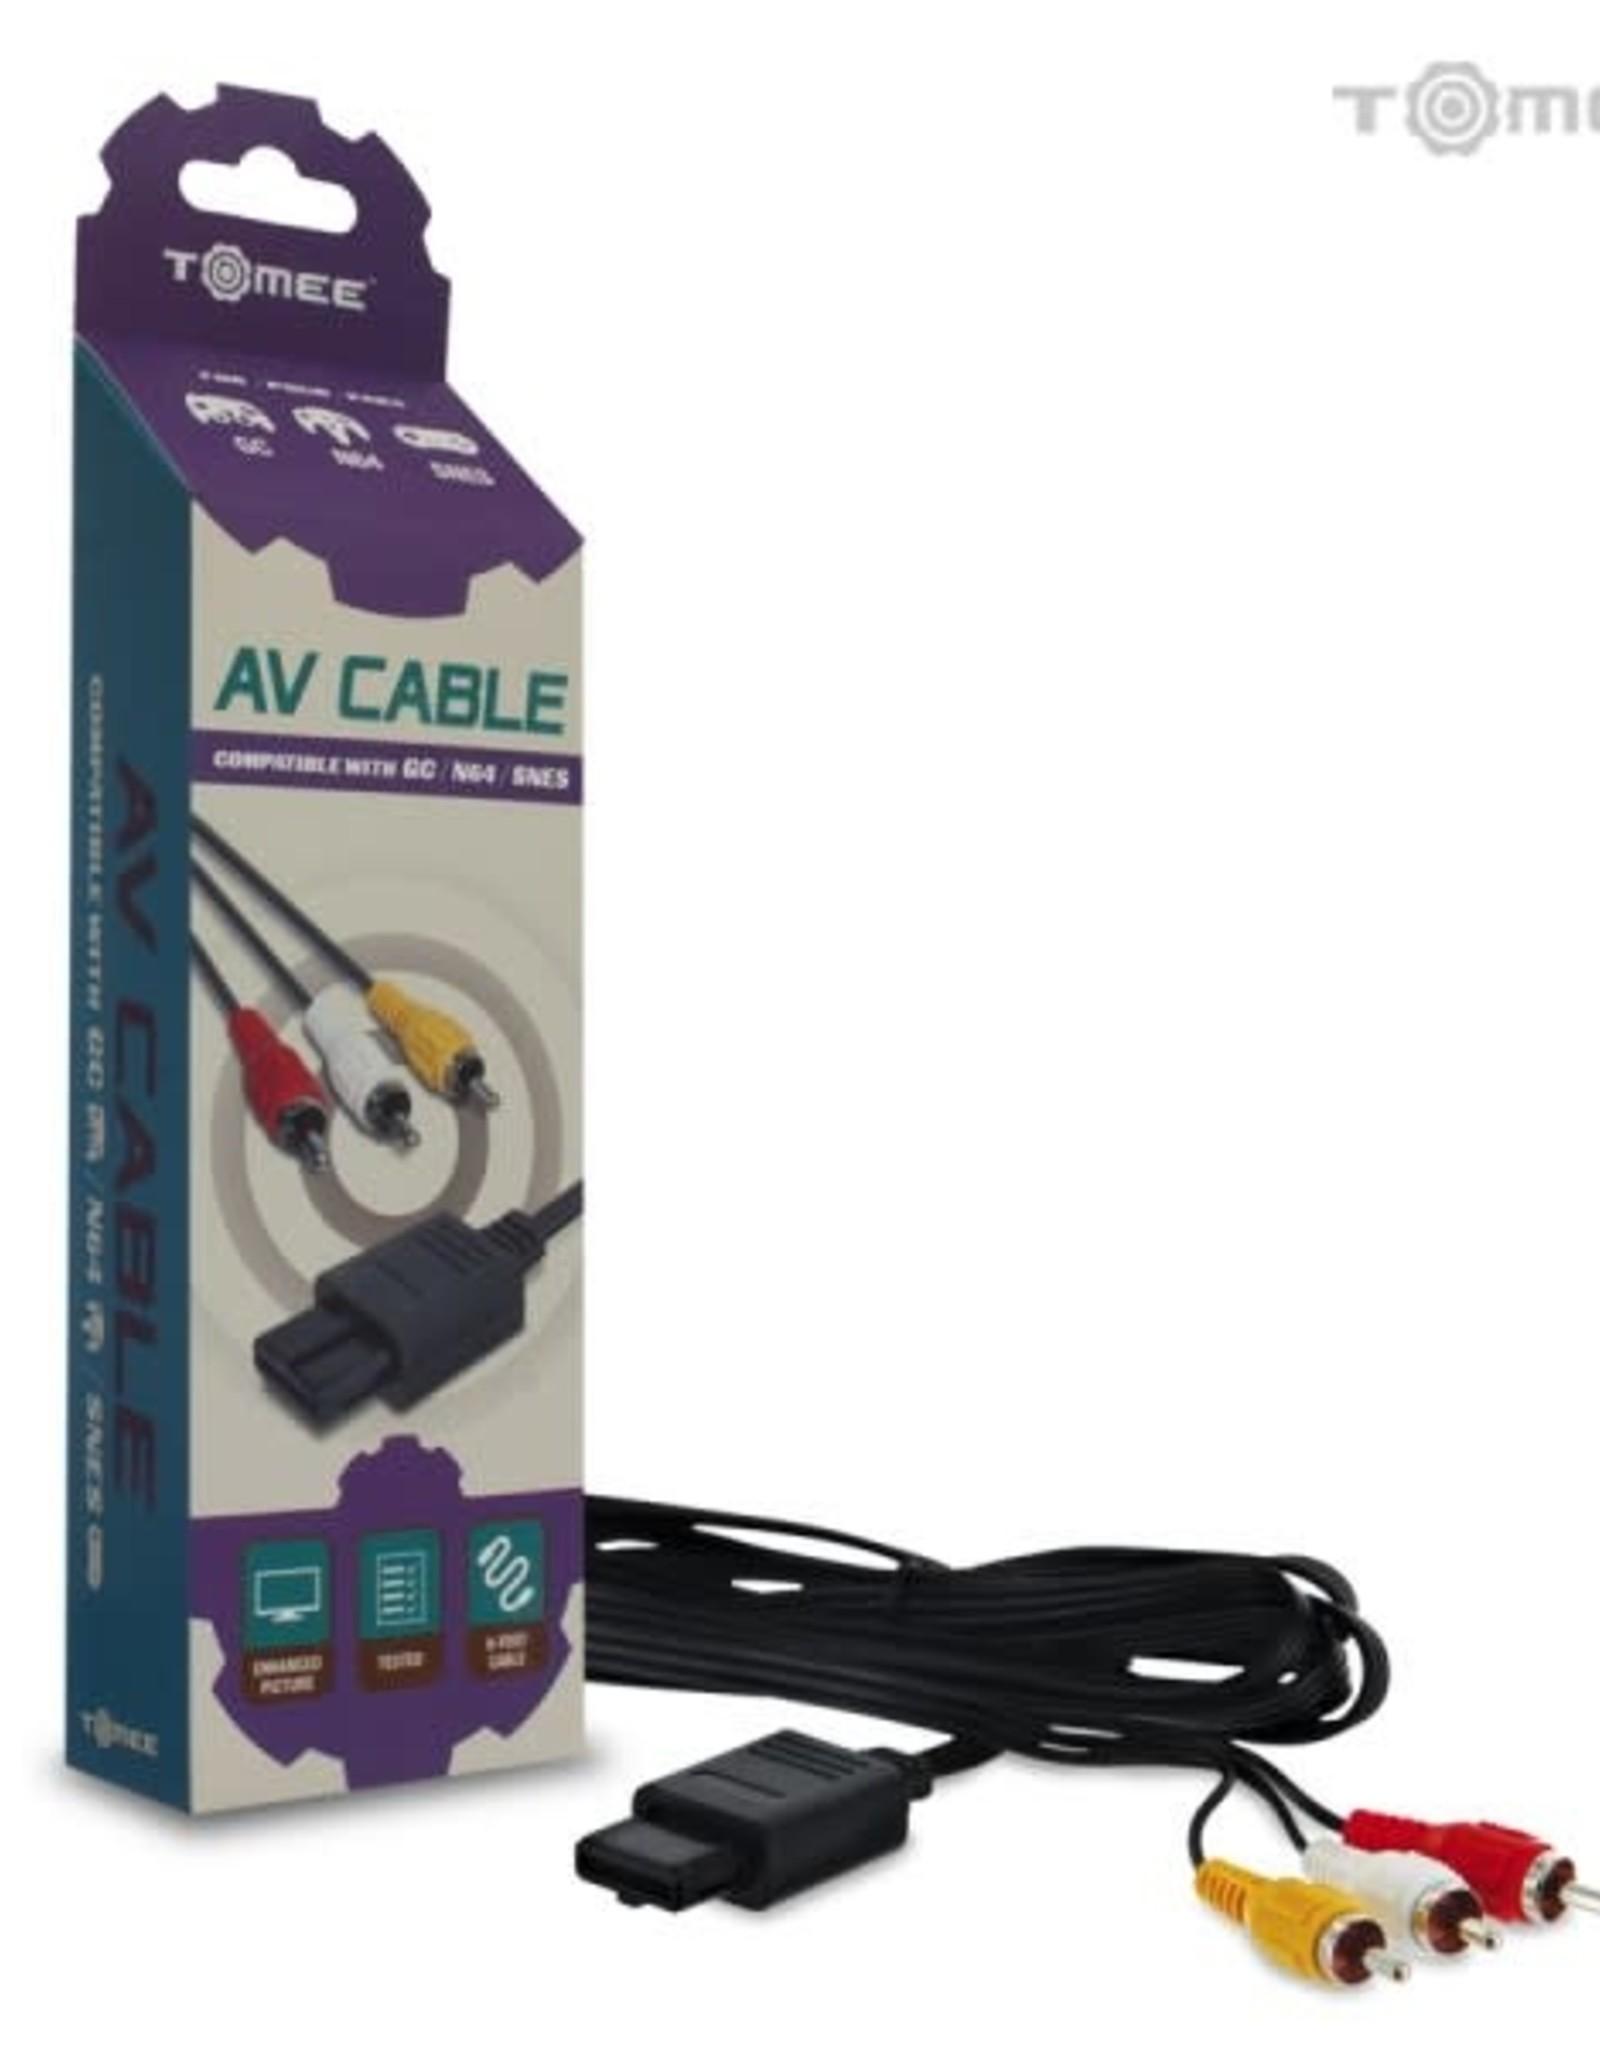 Tomee AV Cable for GameCube®/ N64®/ Super NES